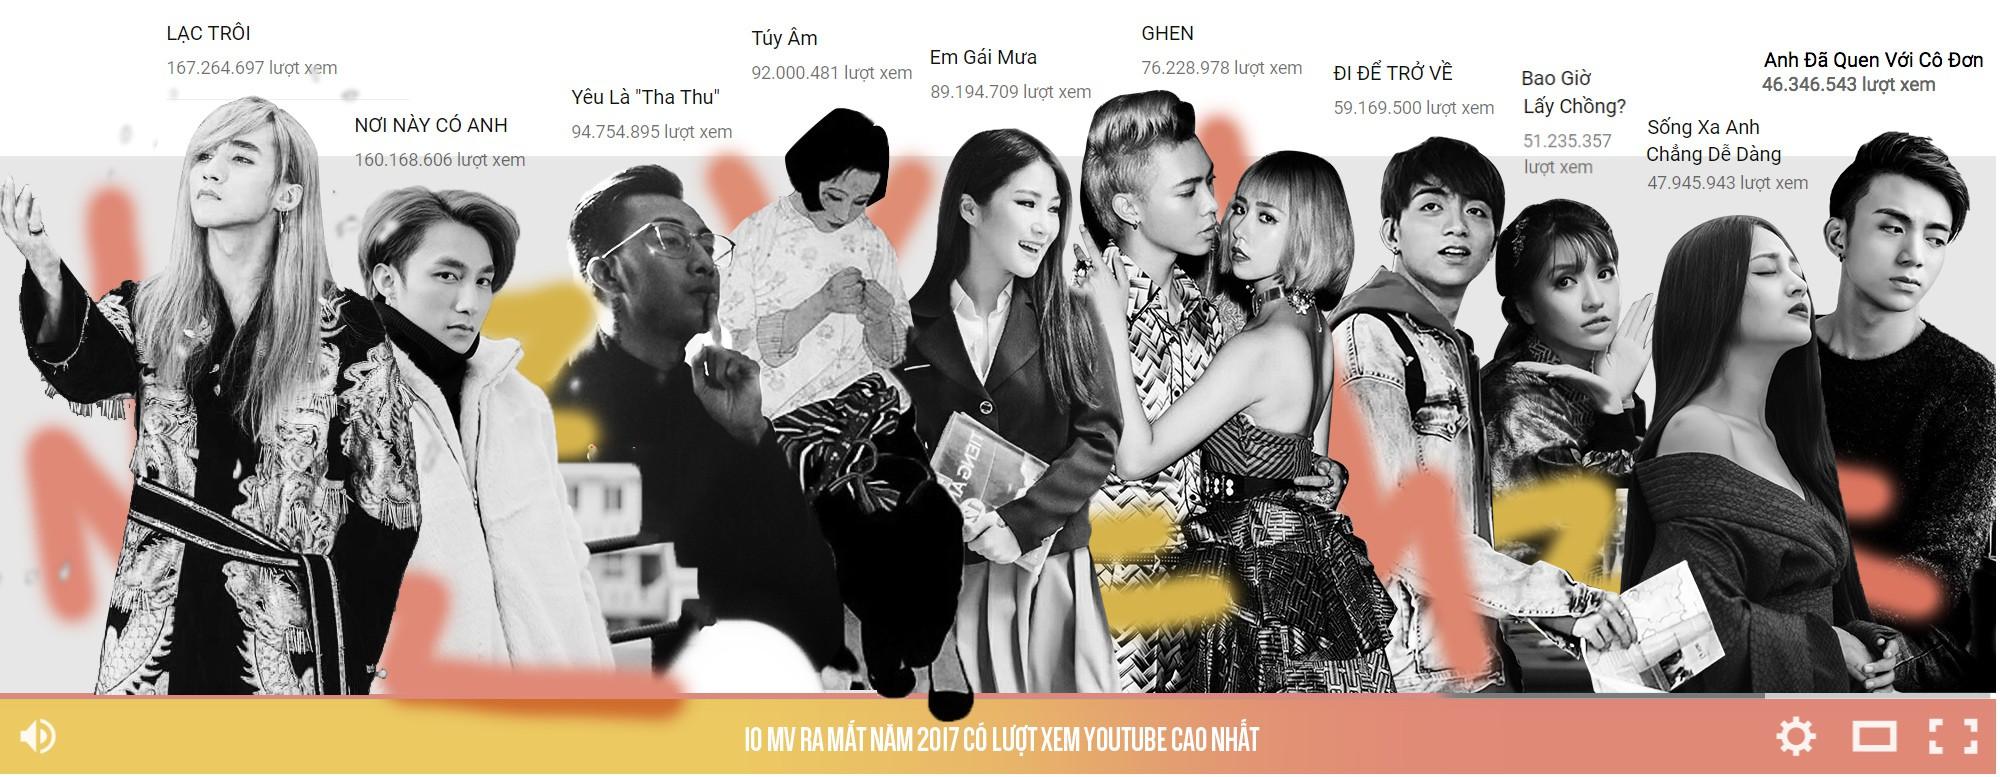 Nhìn lại những điểm sáng của Vpop năm 2017: Rất lâu rồi, làng nhạc Việt mới có một năm đáng nhớ và sôi động đến vậy! - Ảnh 5.